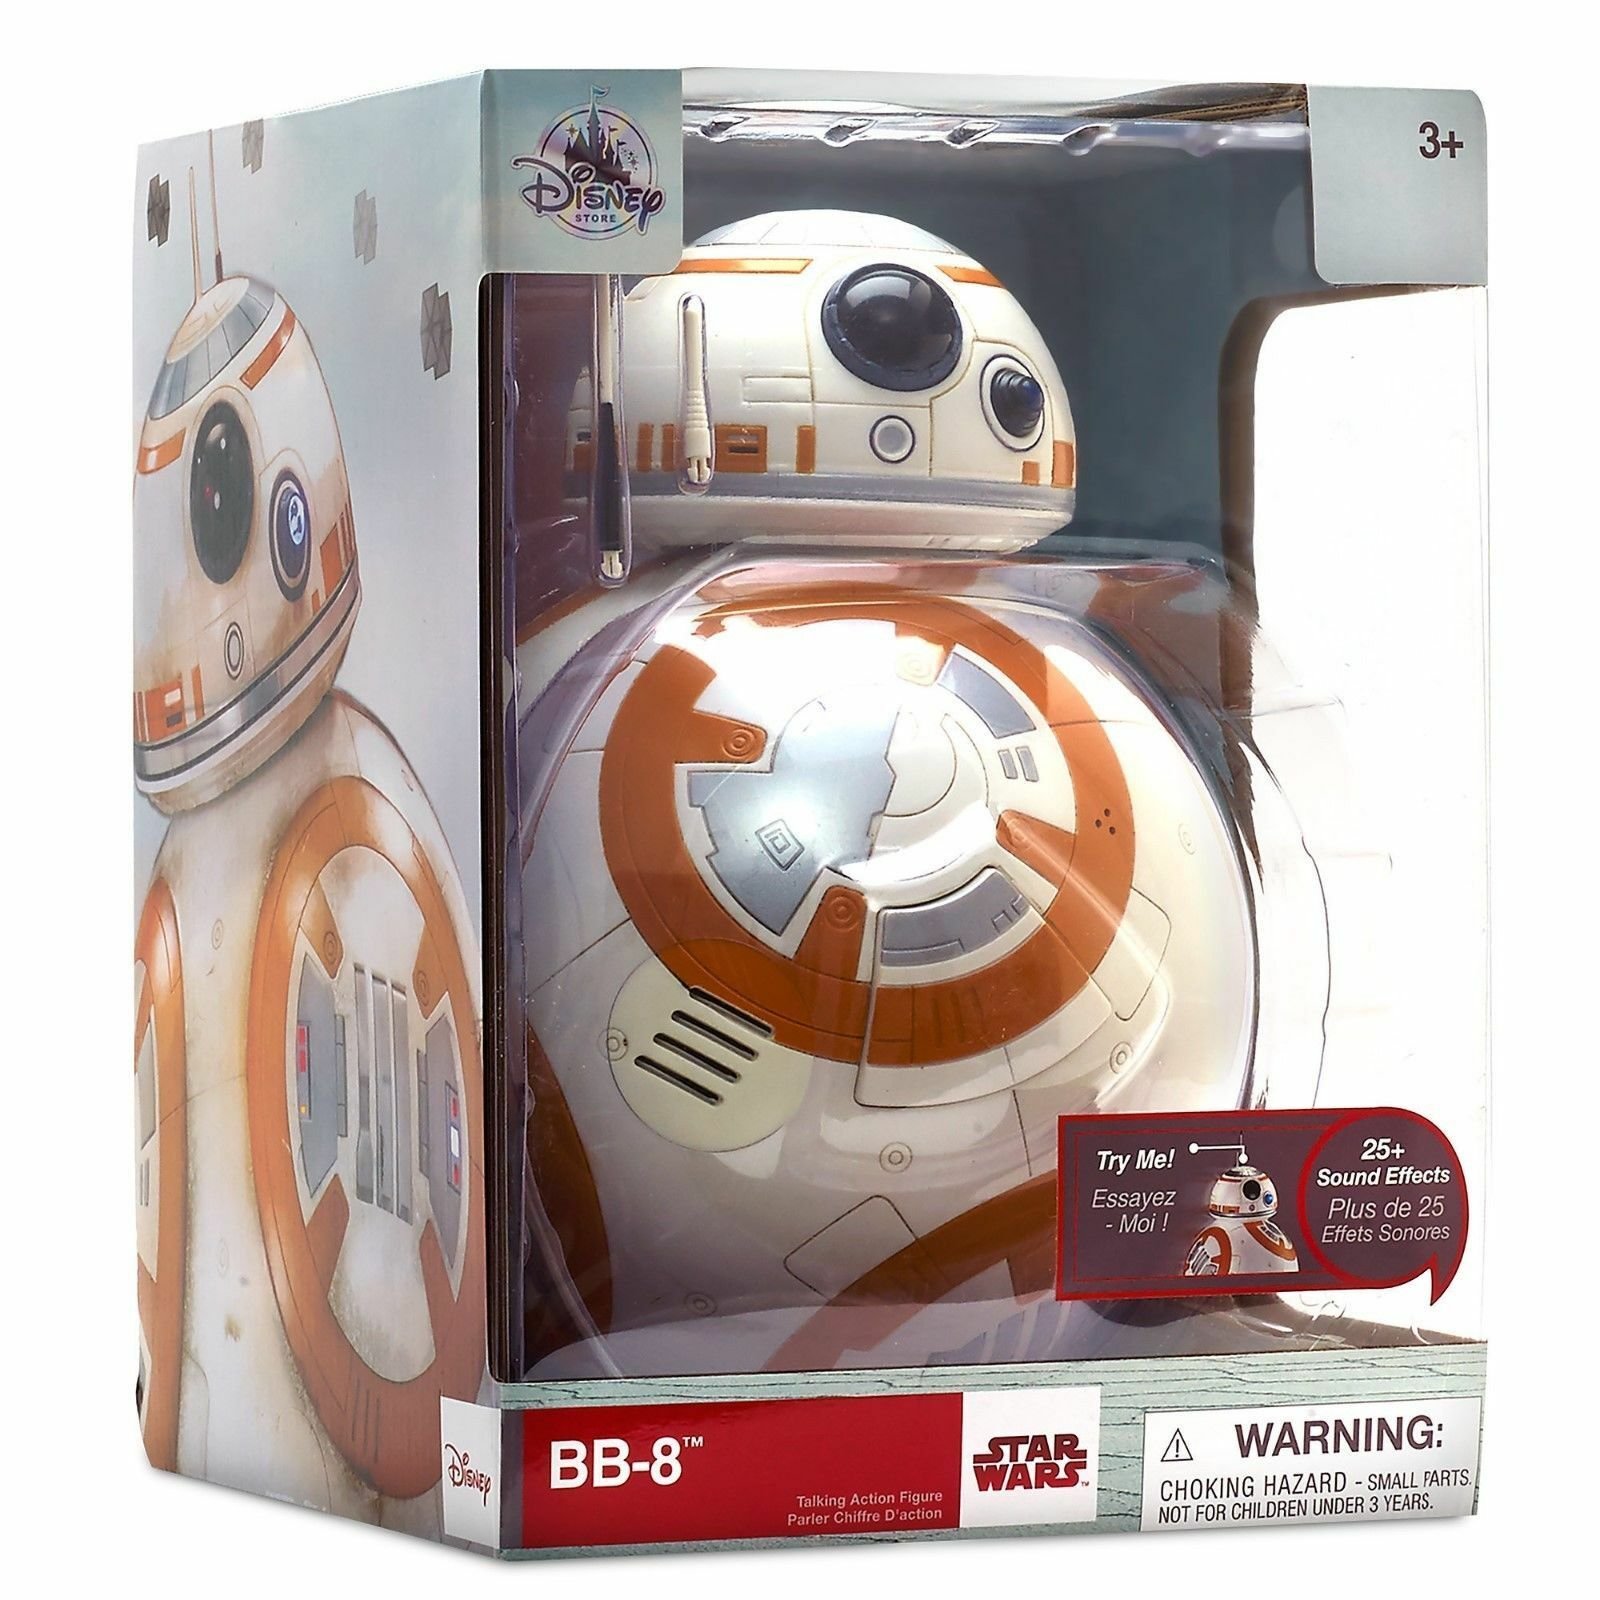 Star Wars BB-8 Talking Figure - 9 1/2 Inch - Star Wars: The Last Jedi  NEW